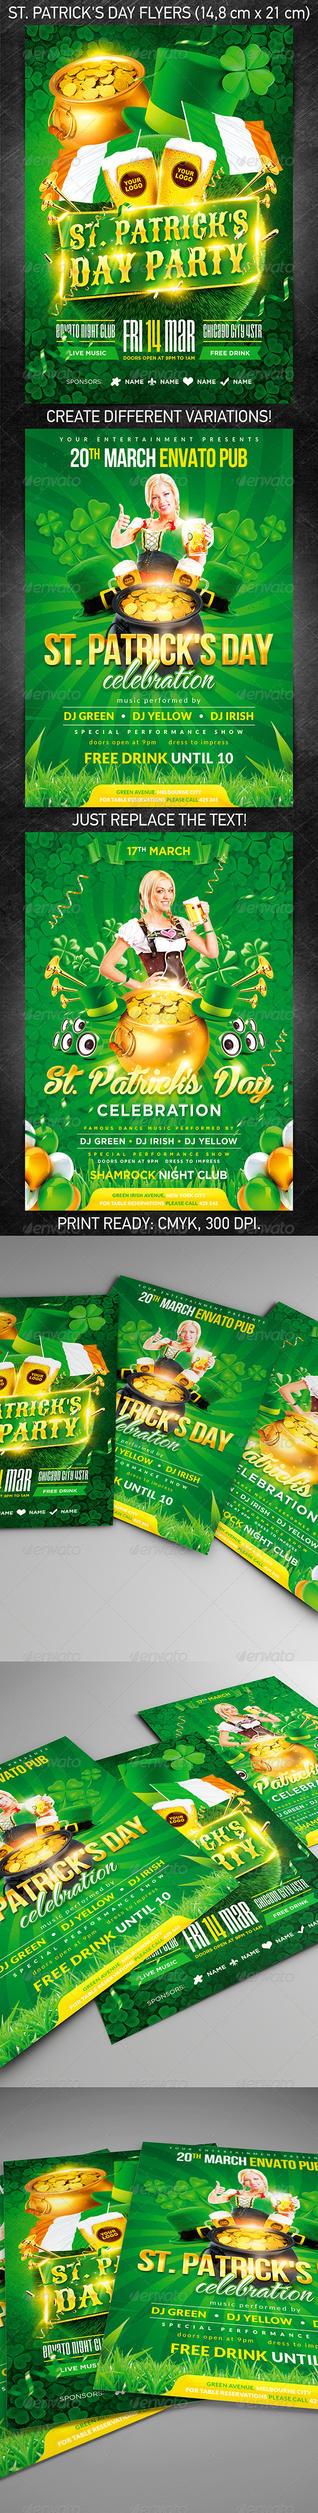 St. Patrick's Day Flyer Bundle, PSD Template by 4ustudio